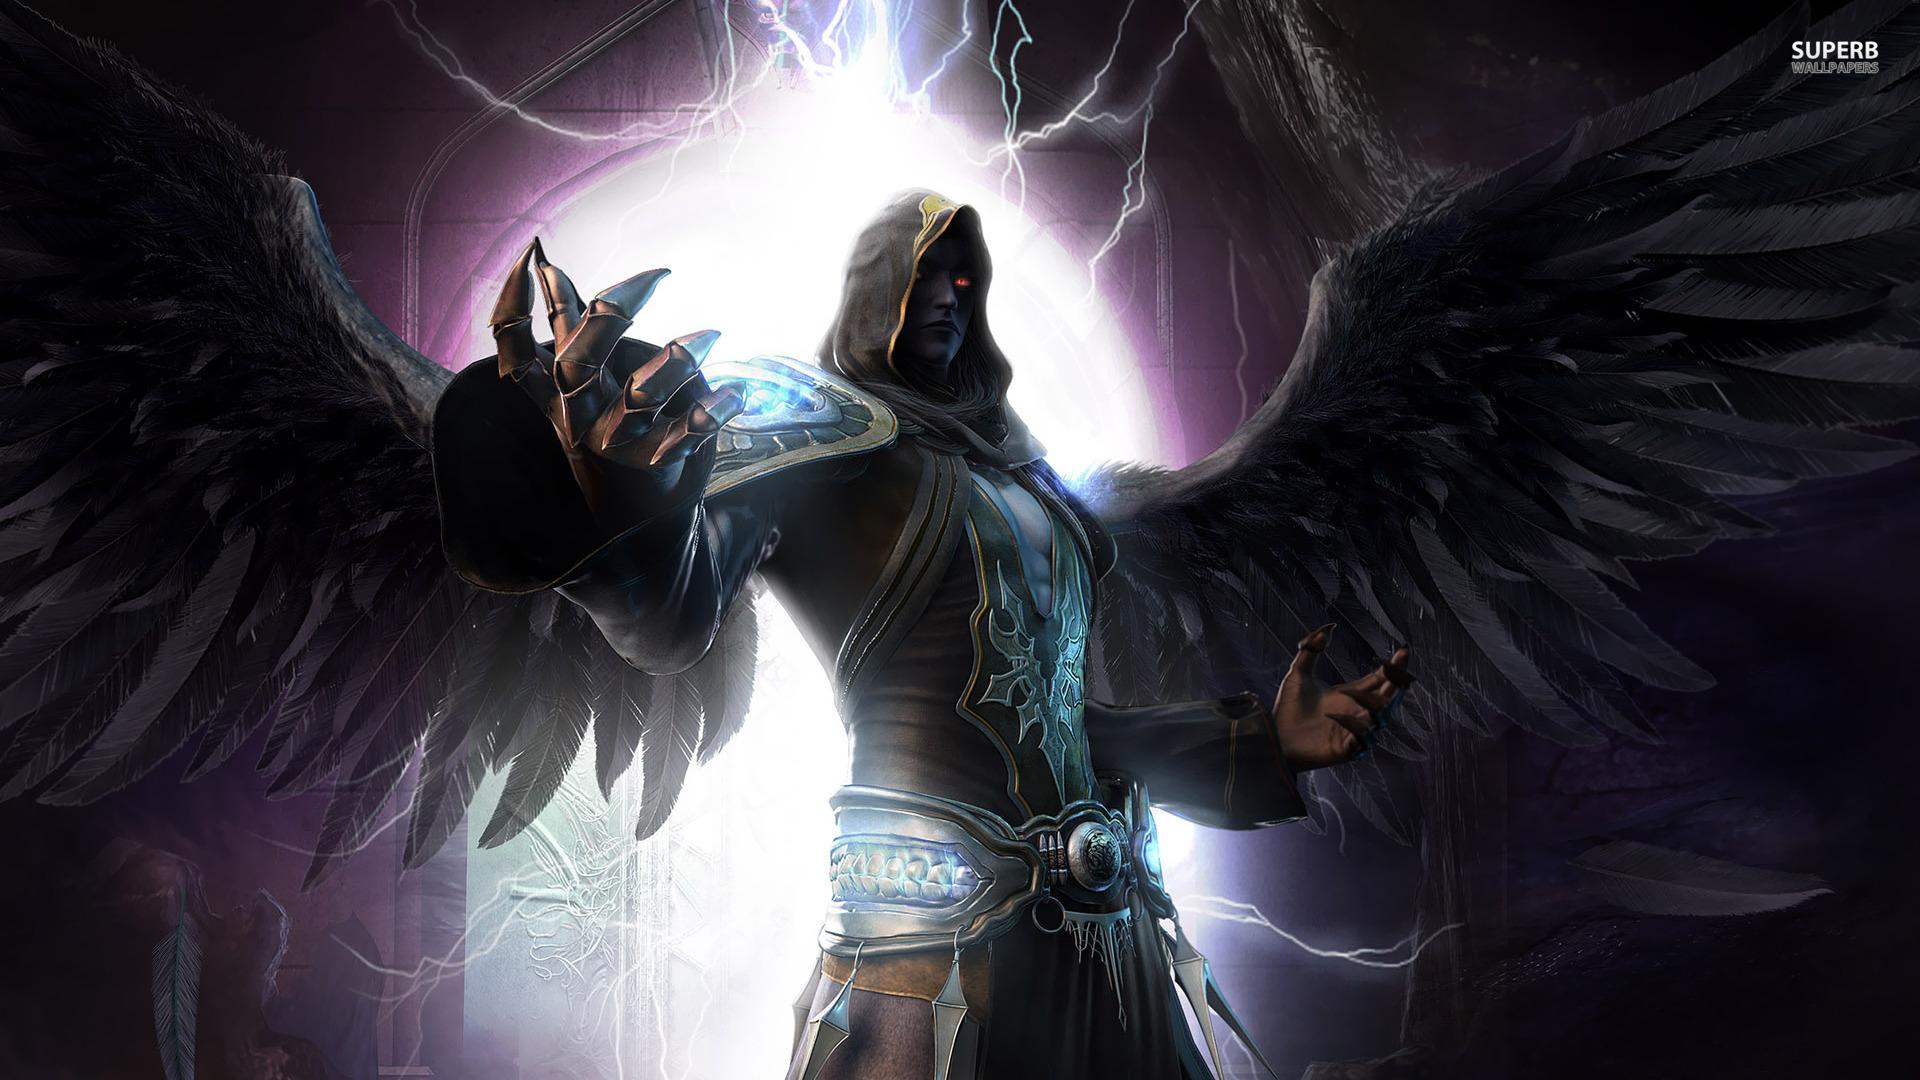 Top Wallpaper Marvel Archangel - archangel-wallpaper-22  Gallery_988176.jpg